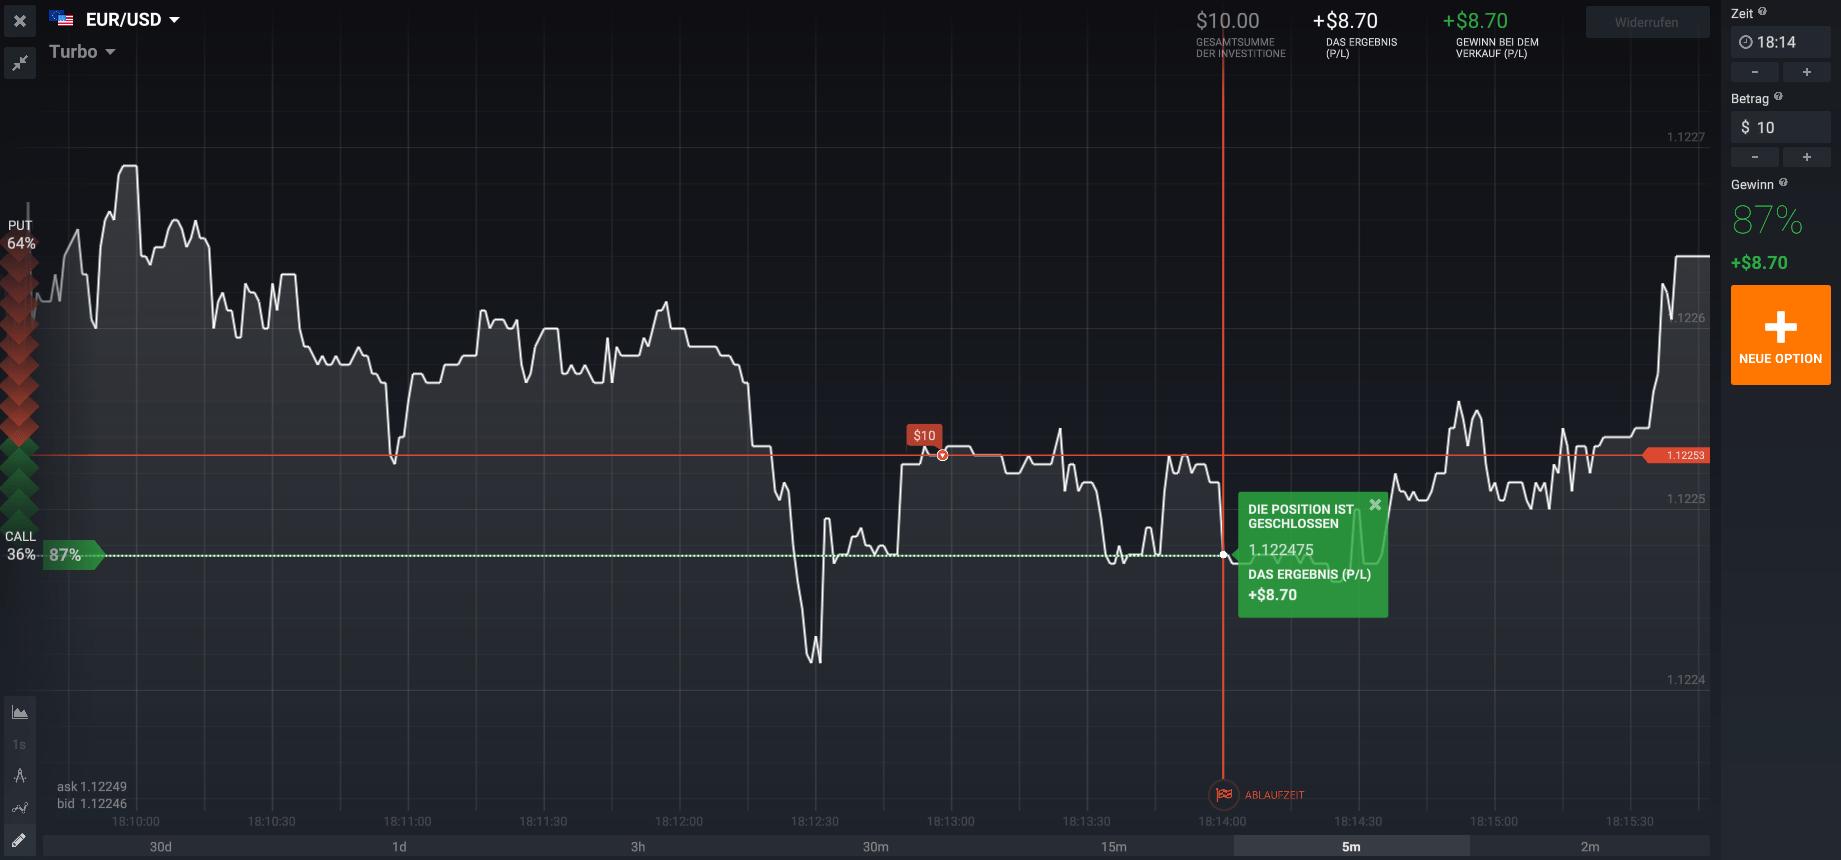 wie viel startkapital benötigen sie beim aktienhandel? verwenden von ereignissen zum handeln von binären forex-optionen